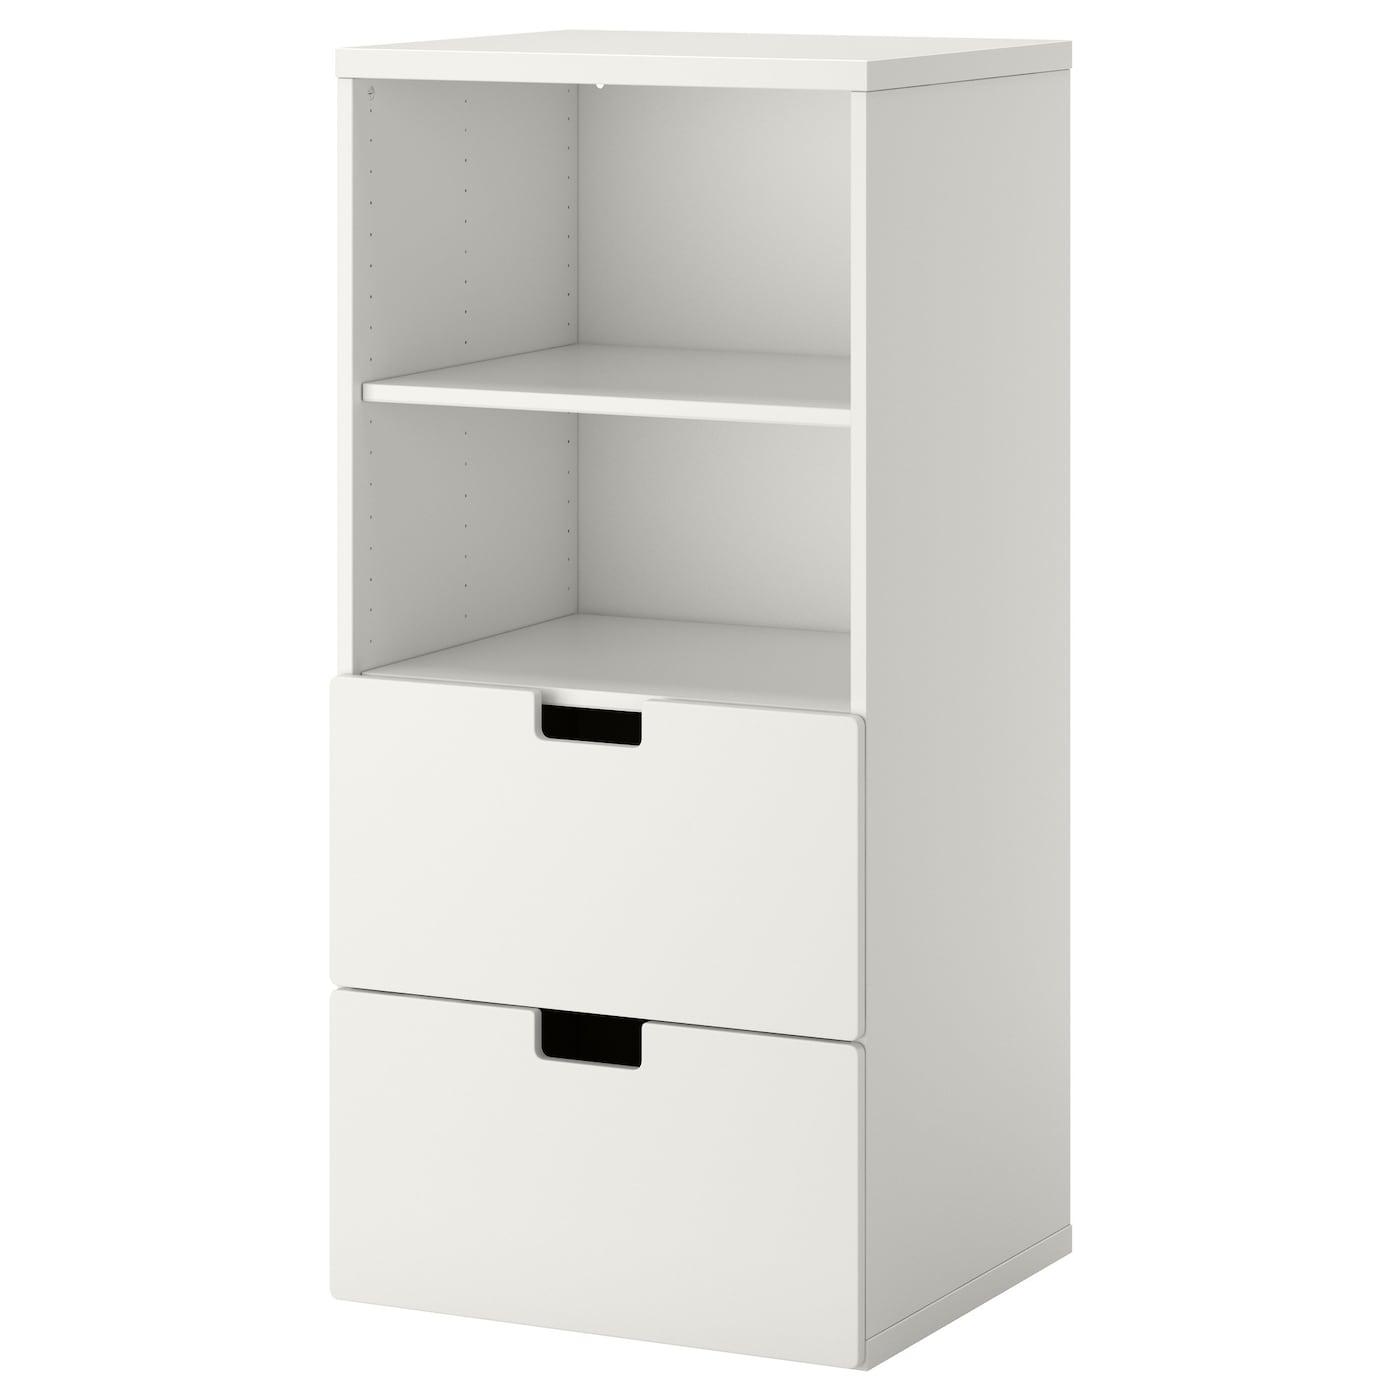 d tsk ikea katalog 2016 n bytek online 18 str nka. Black Bedroom Furniture Sets. Home Design Ideas